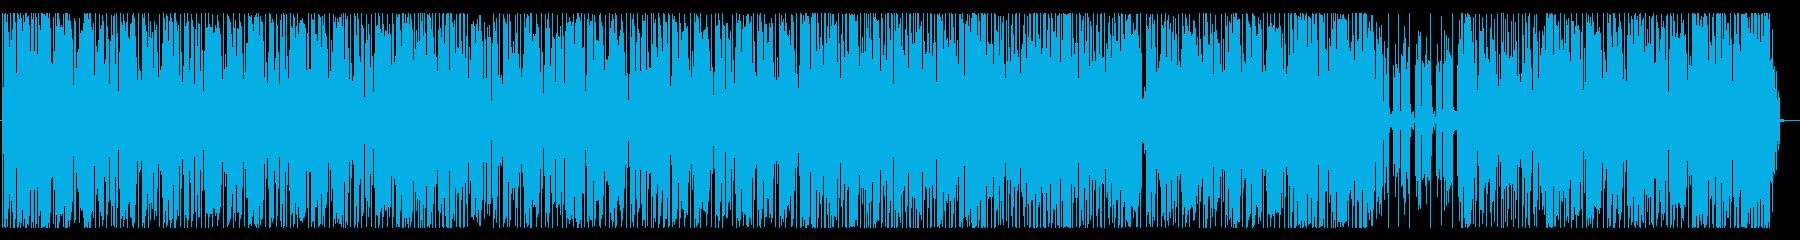 お洒落FUNKブラックミュージックの再生済みの波形